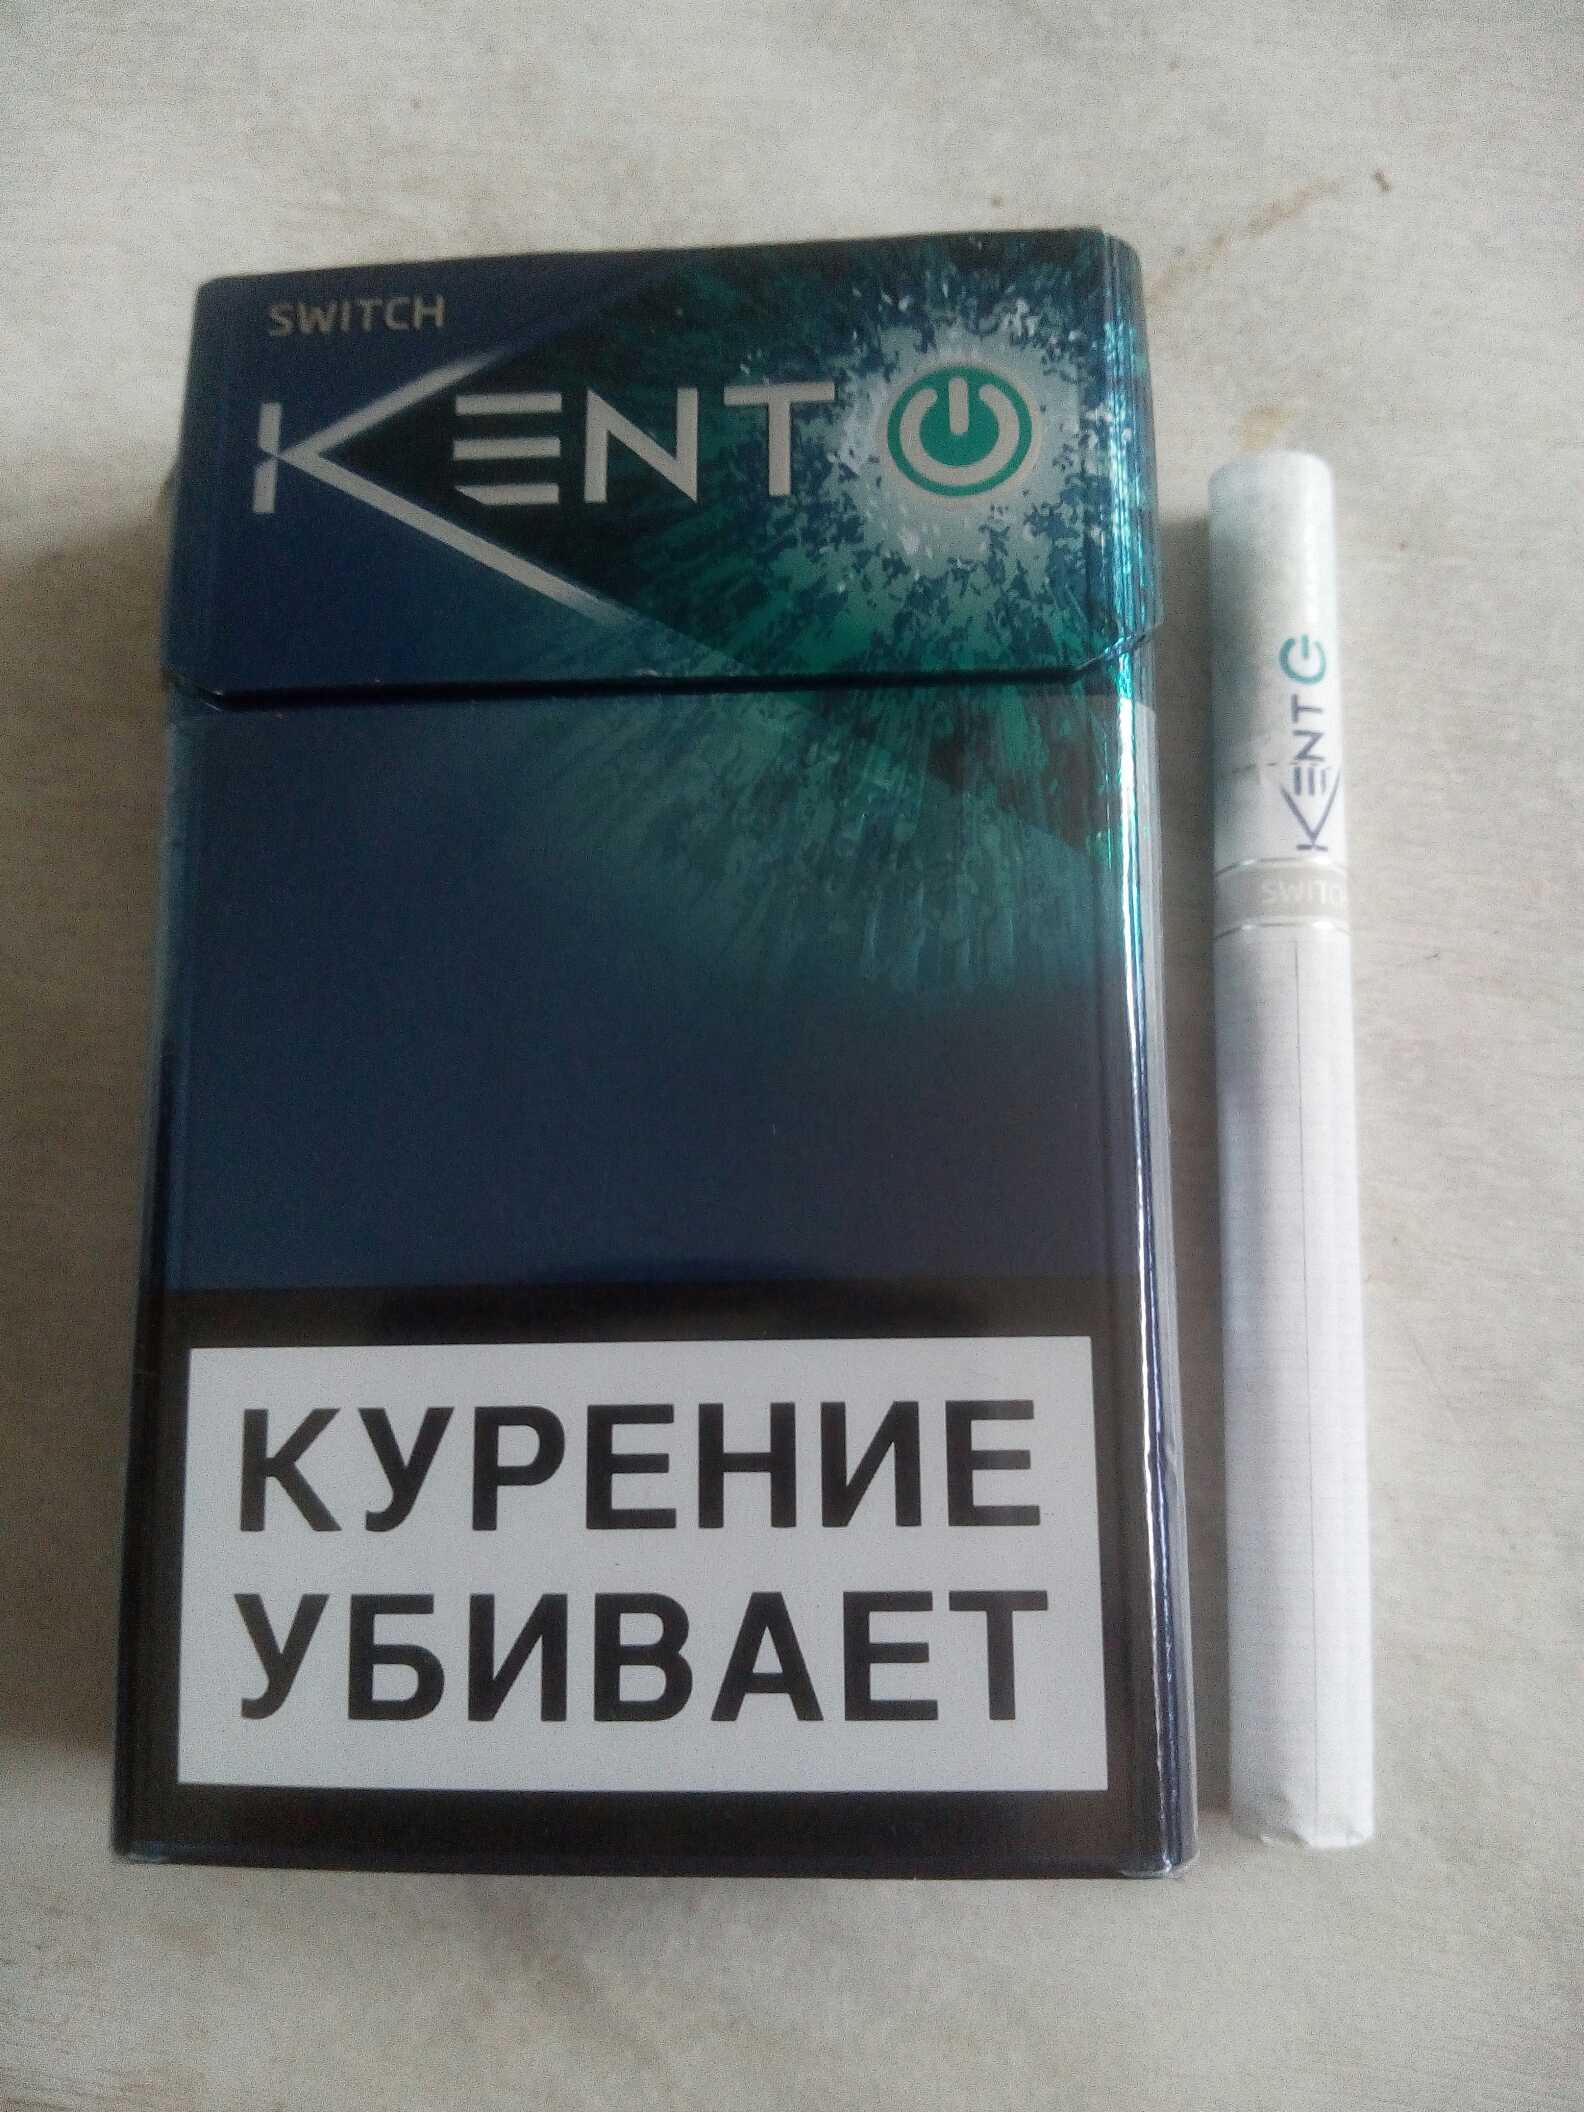 С ментолом сигареты в москве купить электронные сигареты в турции где купить